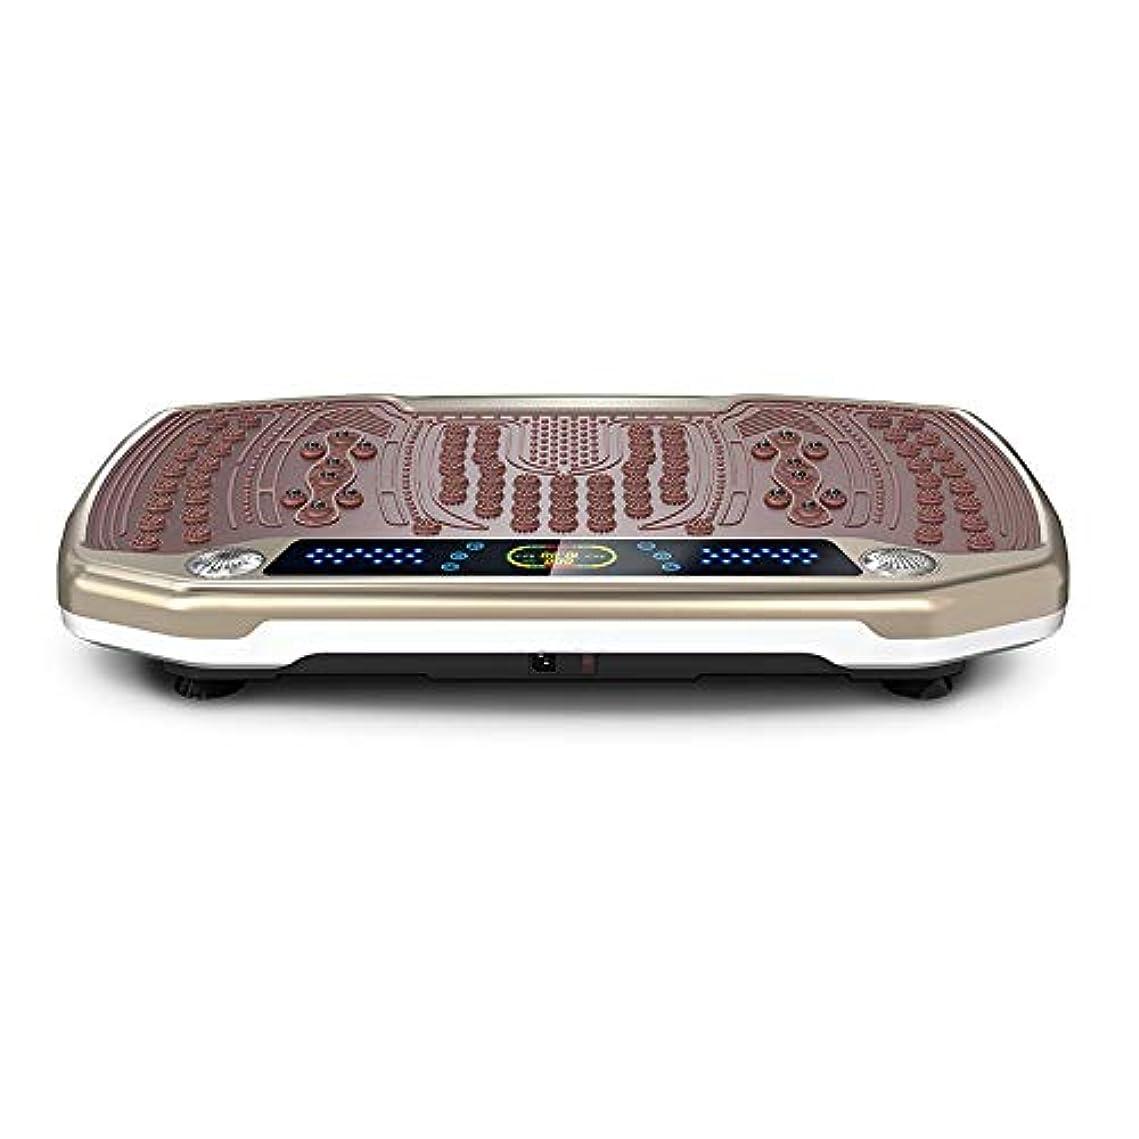 唇戦術戸惑うリモートコントロール/磁性のマッサージ/指圧マッサージ/ステレオミュージック、A振動マシンのホームフィットネスと減量で失う重量高速振動プラットフォーム機械、。